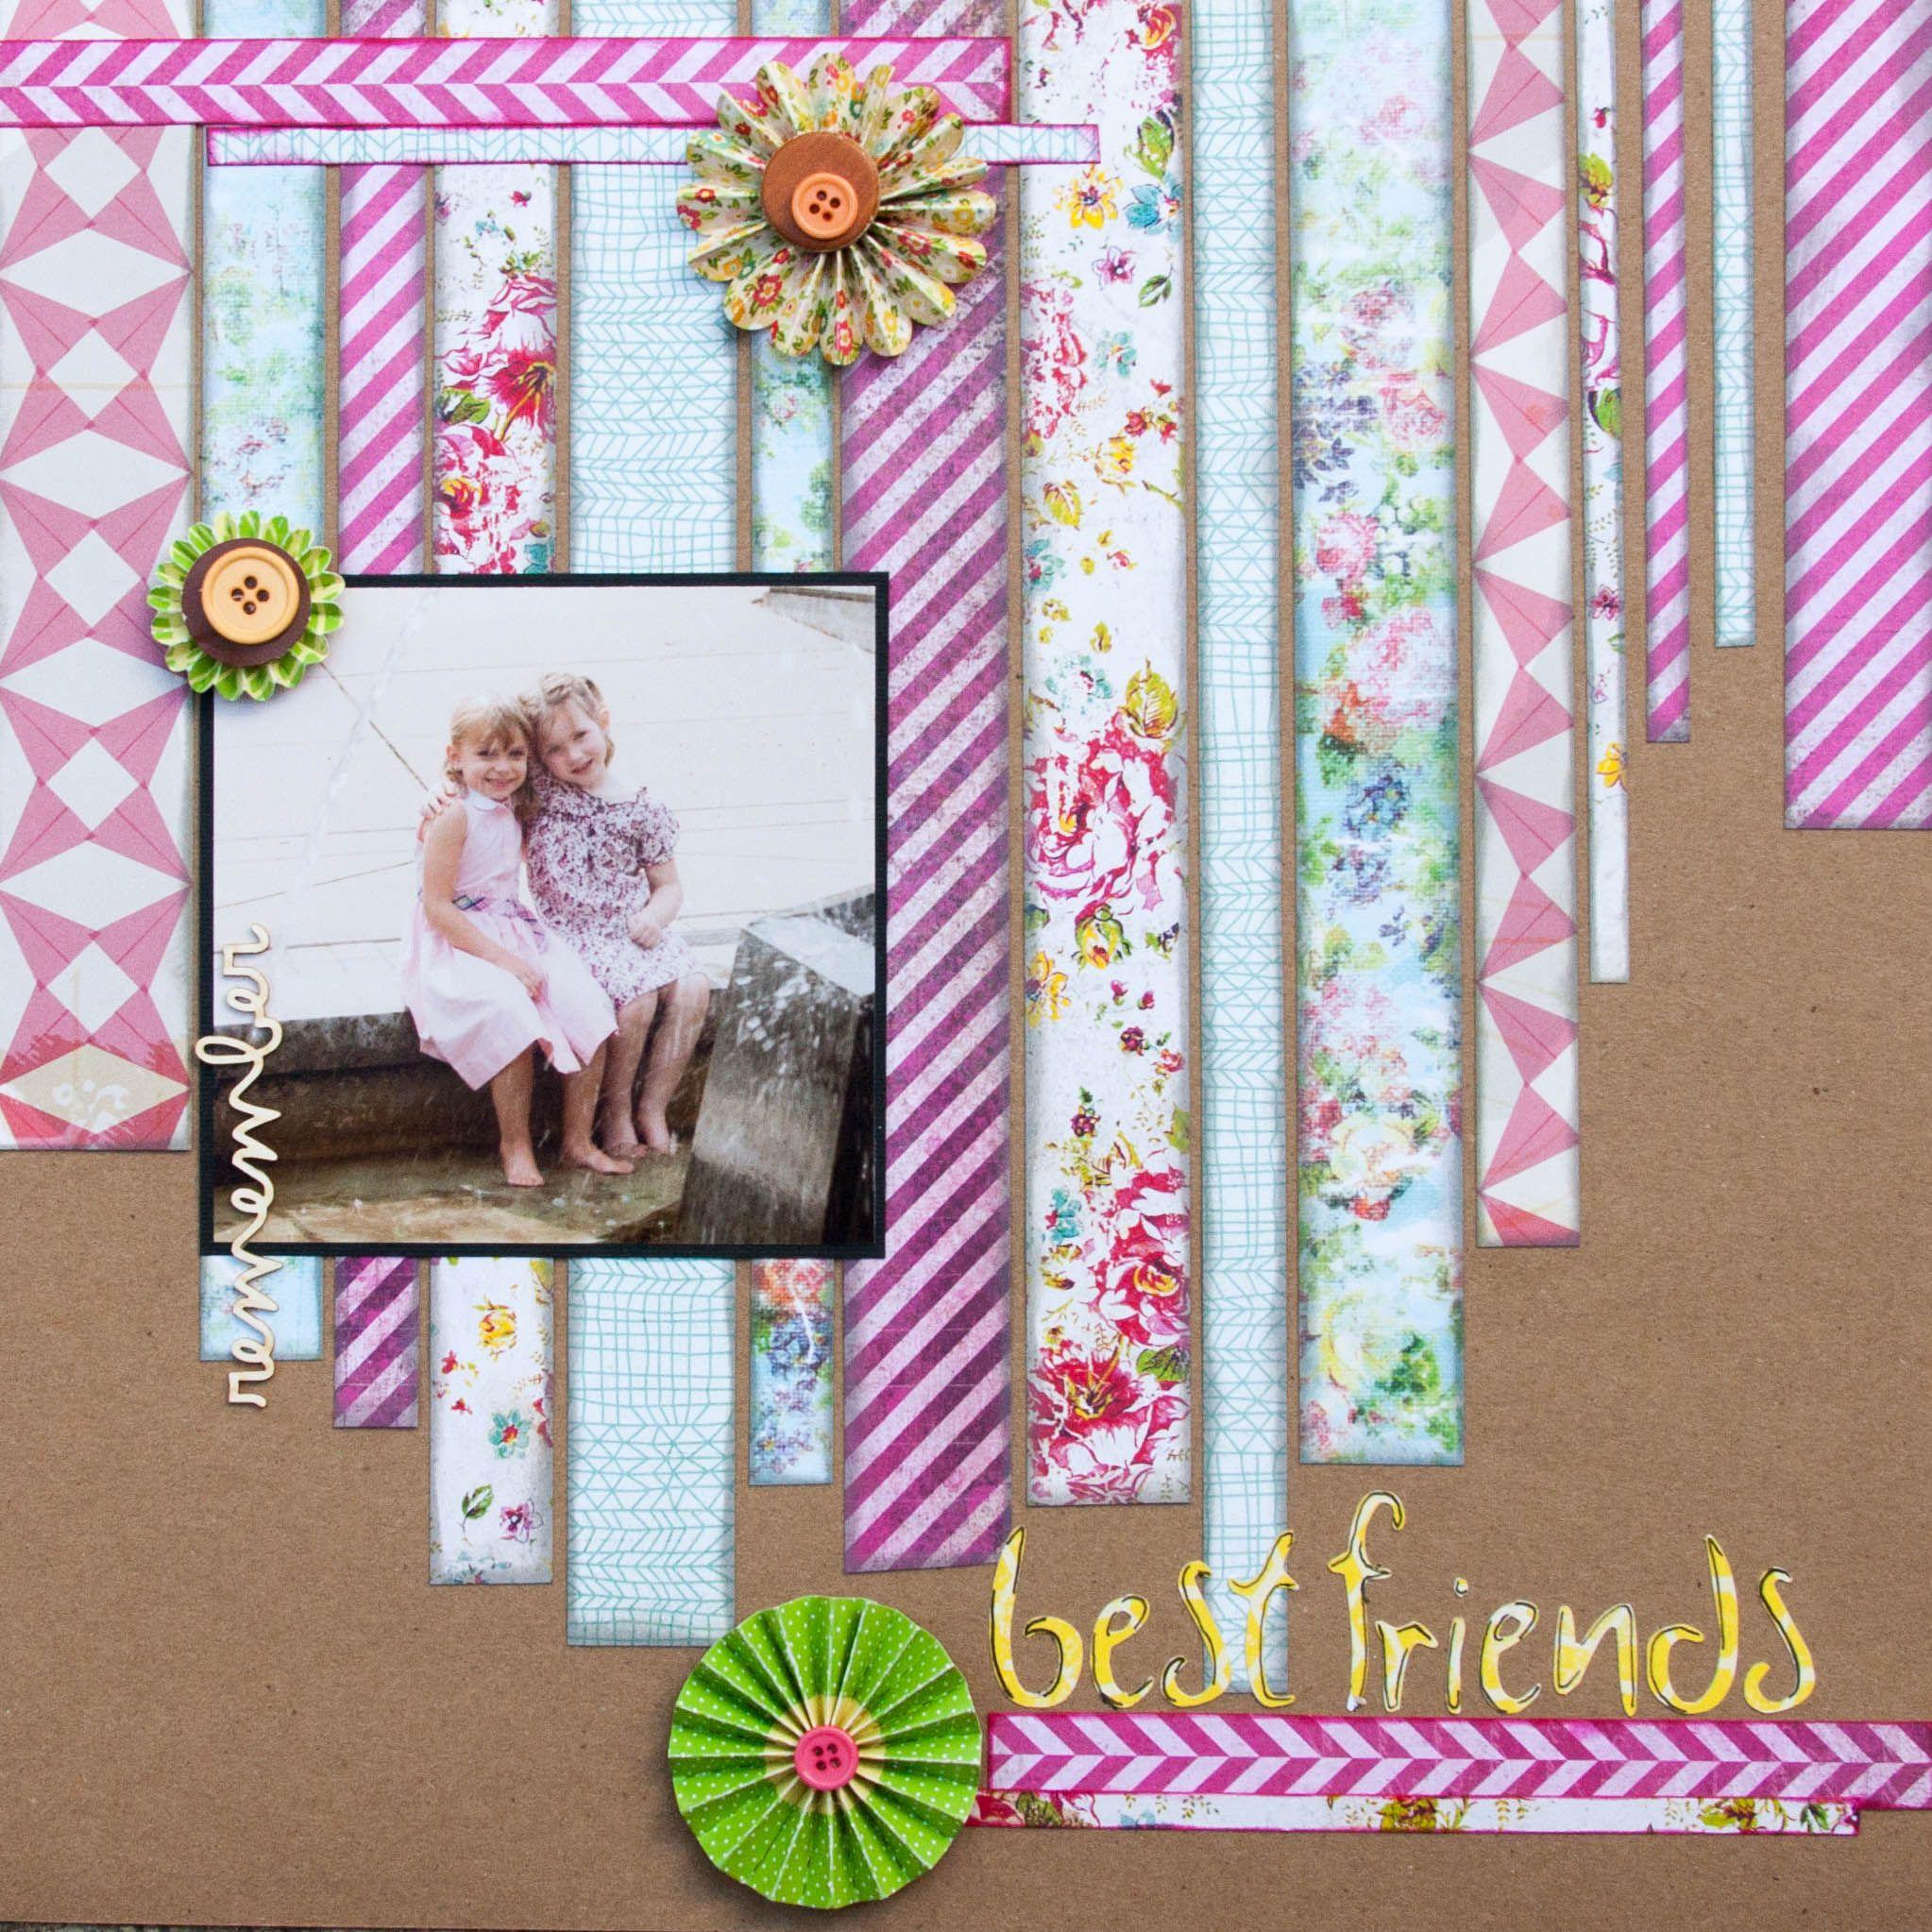 Scrapbook ideas for best friend - Best Friends Scrapbook Com